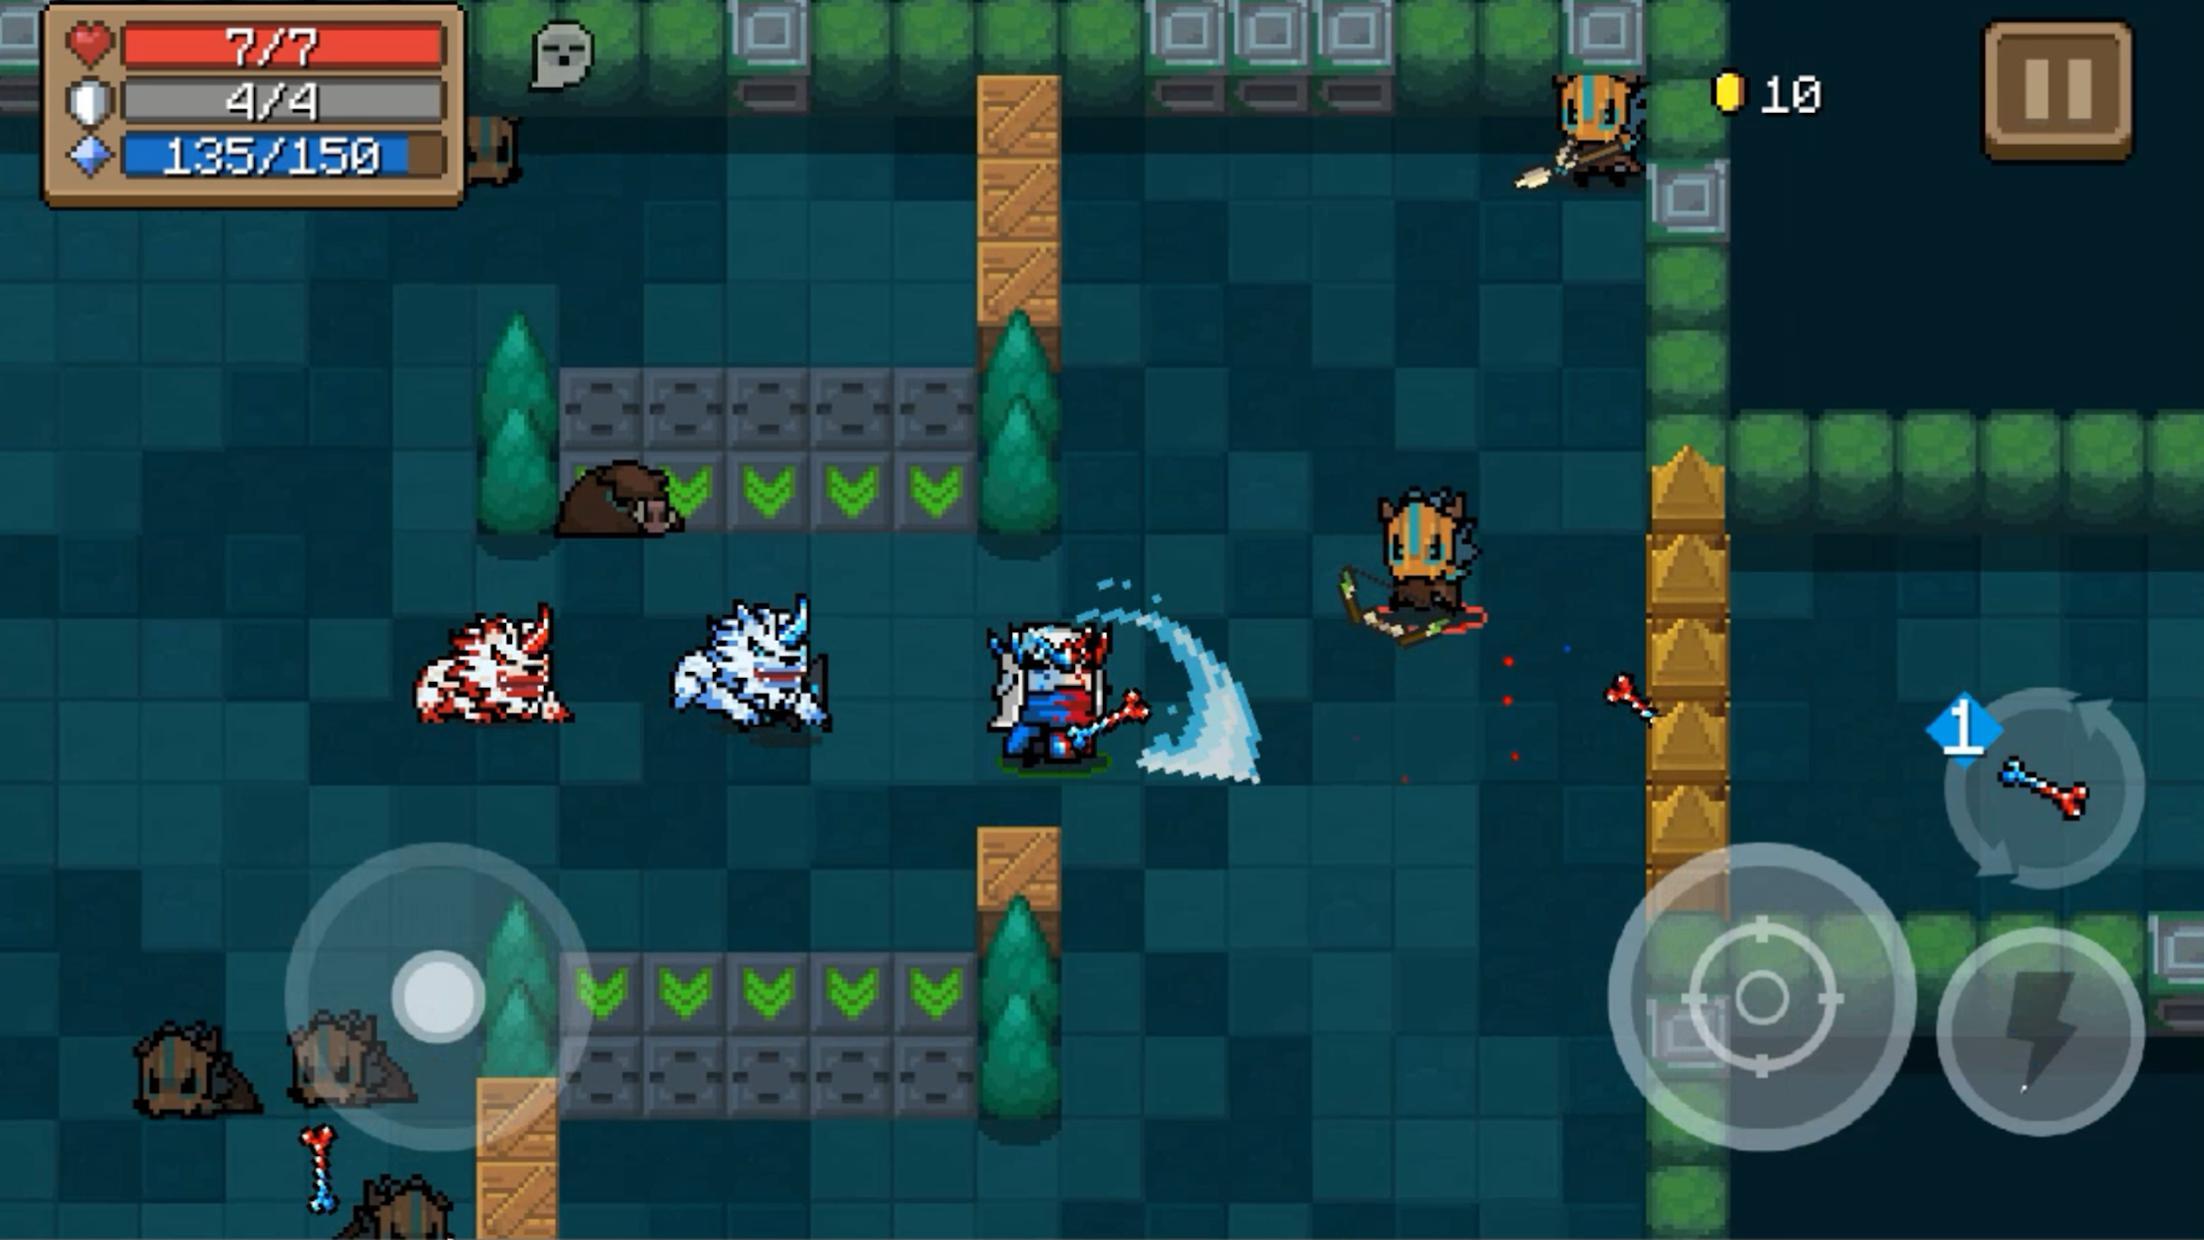 元气骑士 游戏截图5